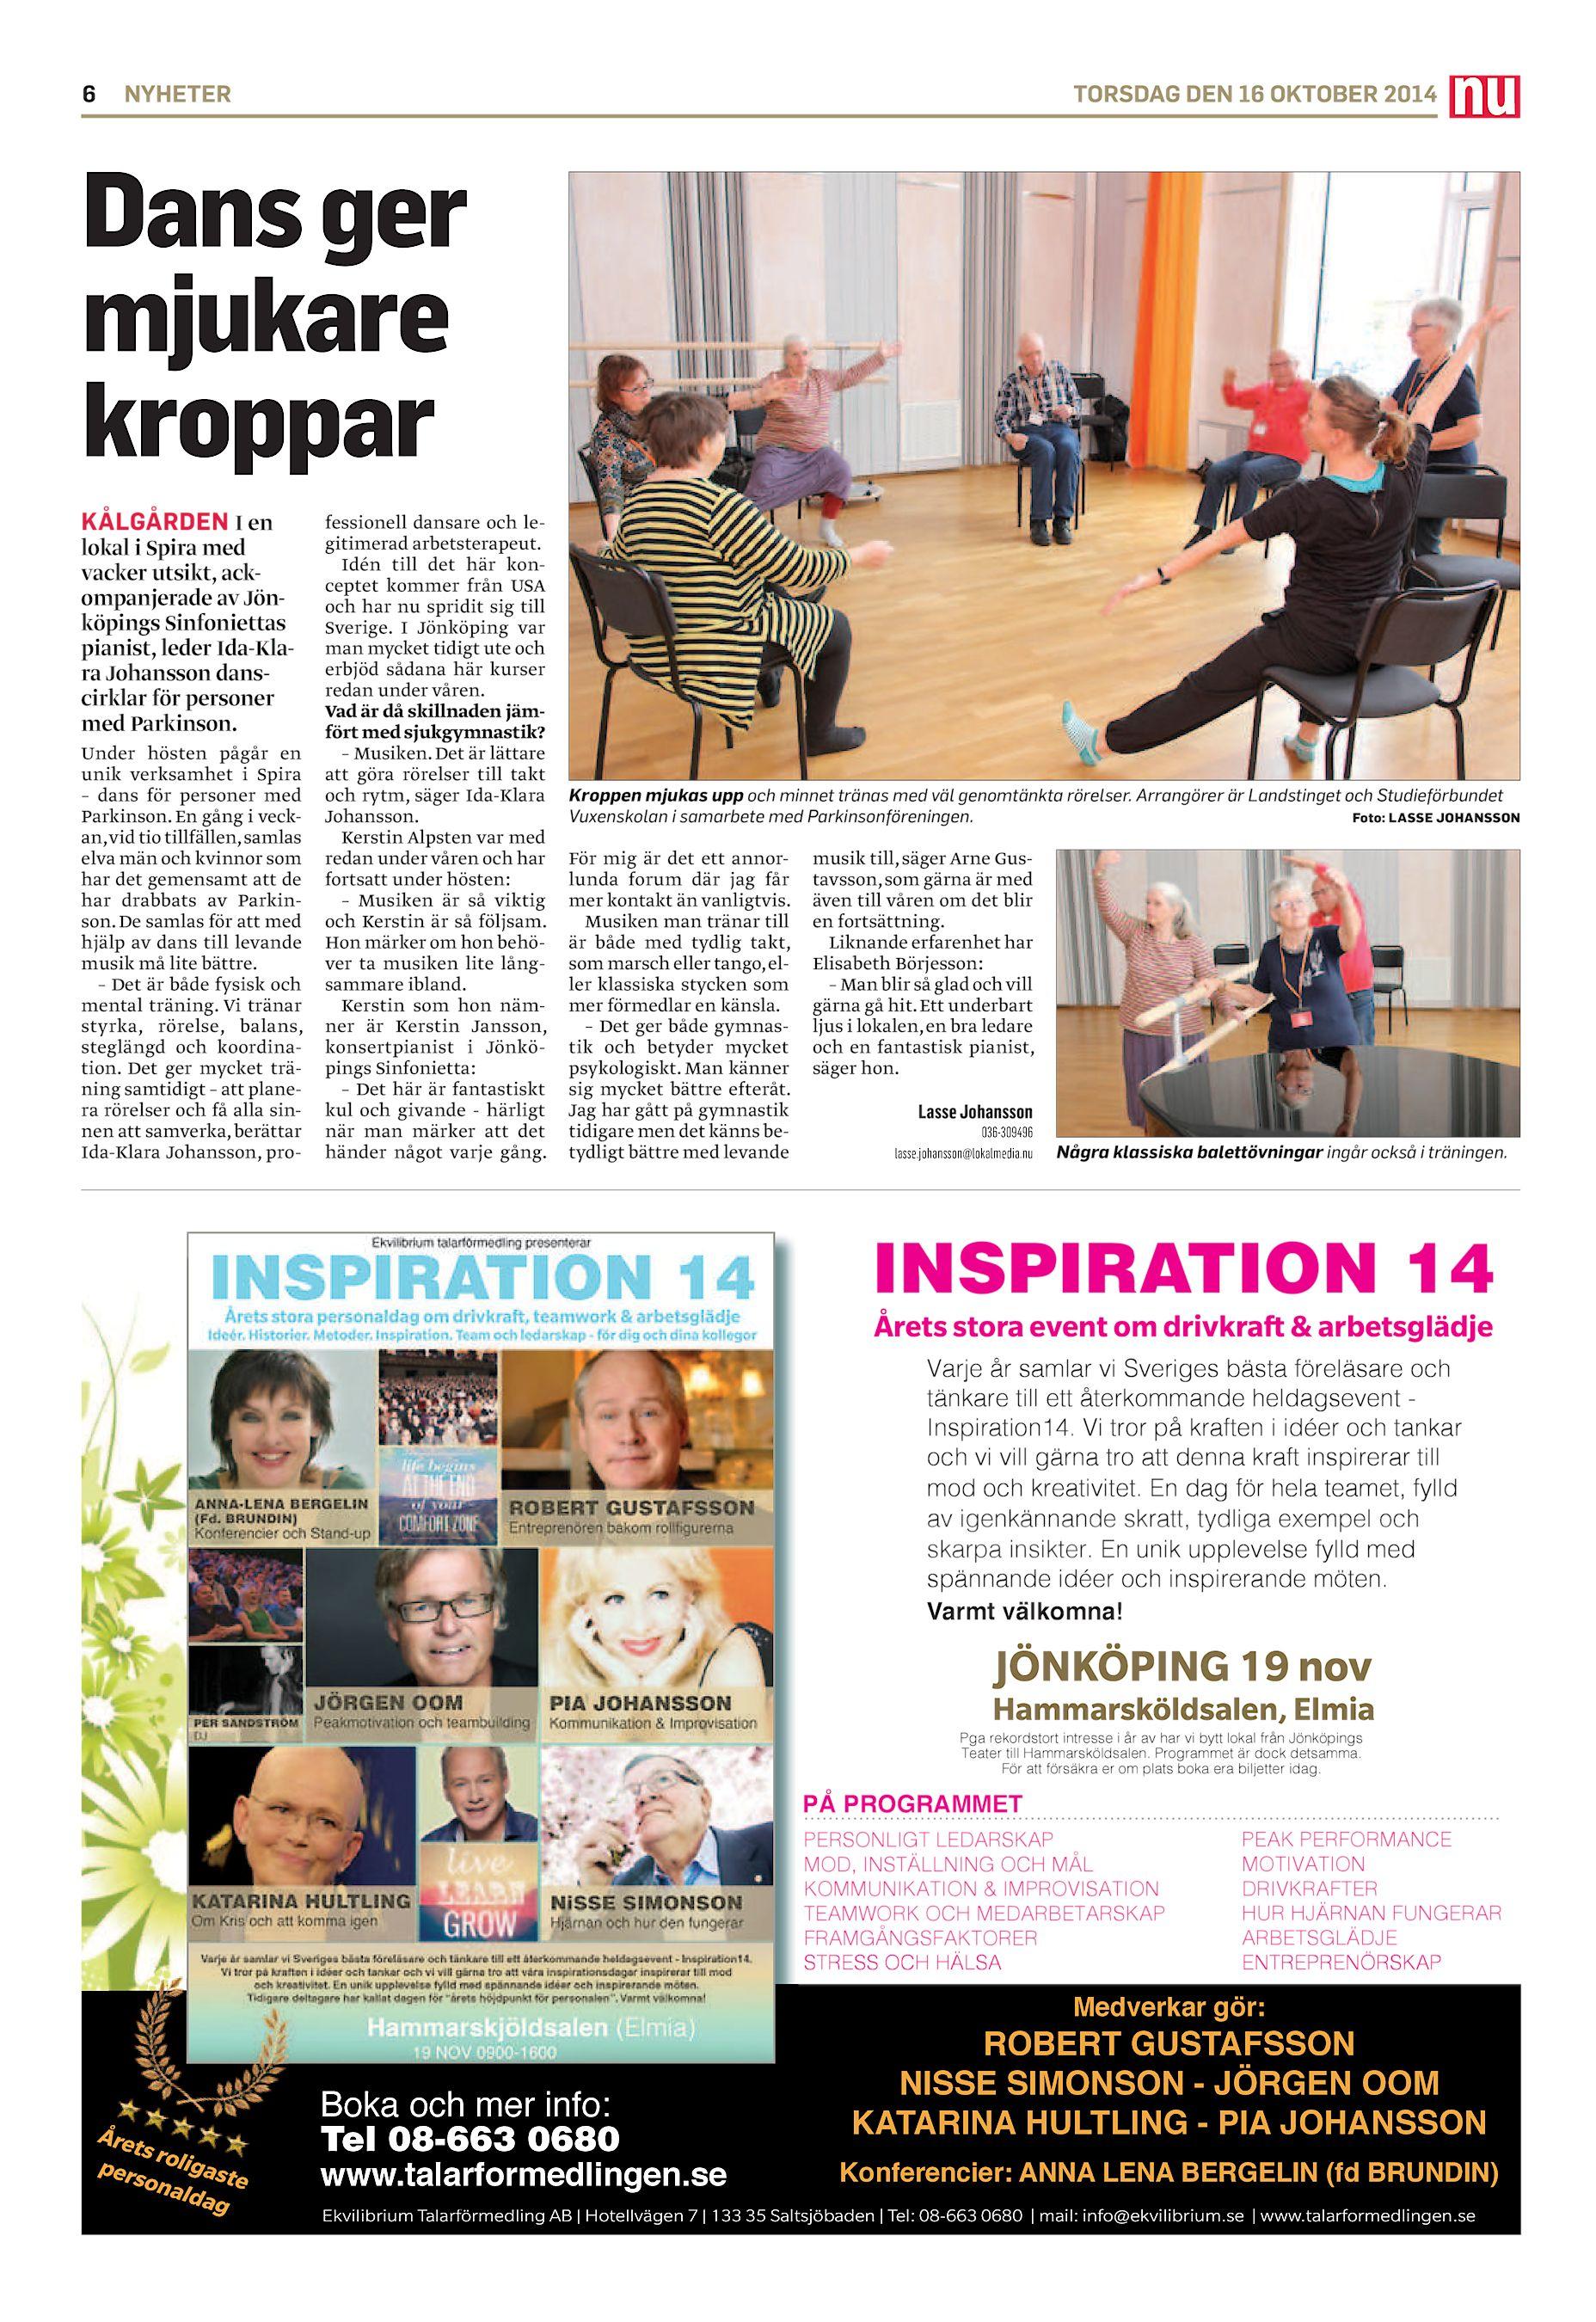 rosa sidan escorter massage i jönköping